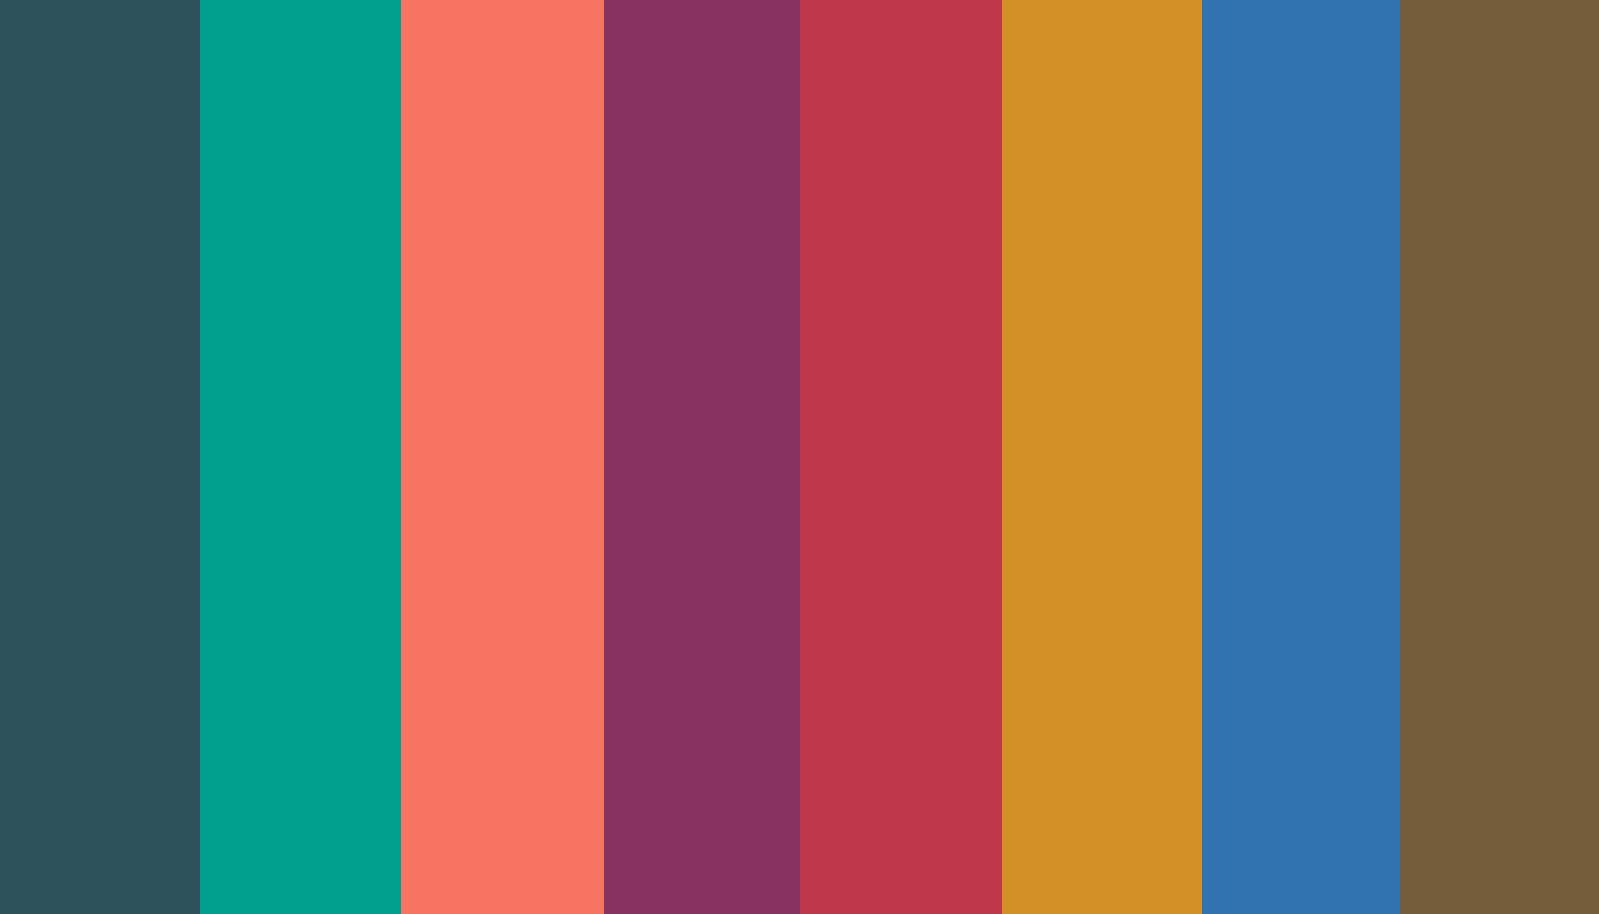 1000 images about colors on pinterest pantone 2015 - Color pantone 2015 ...